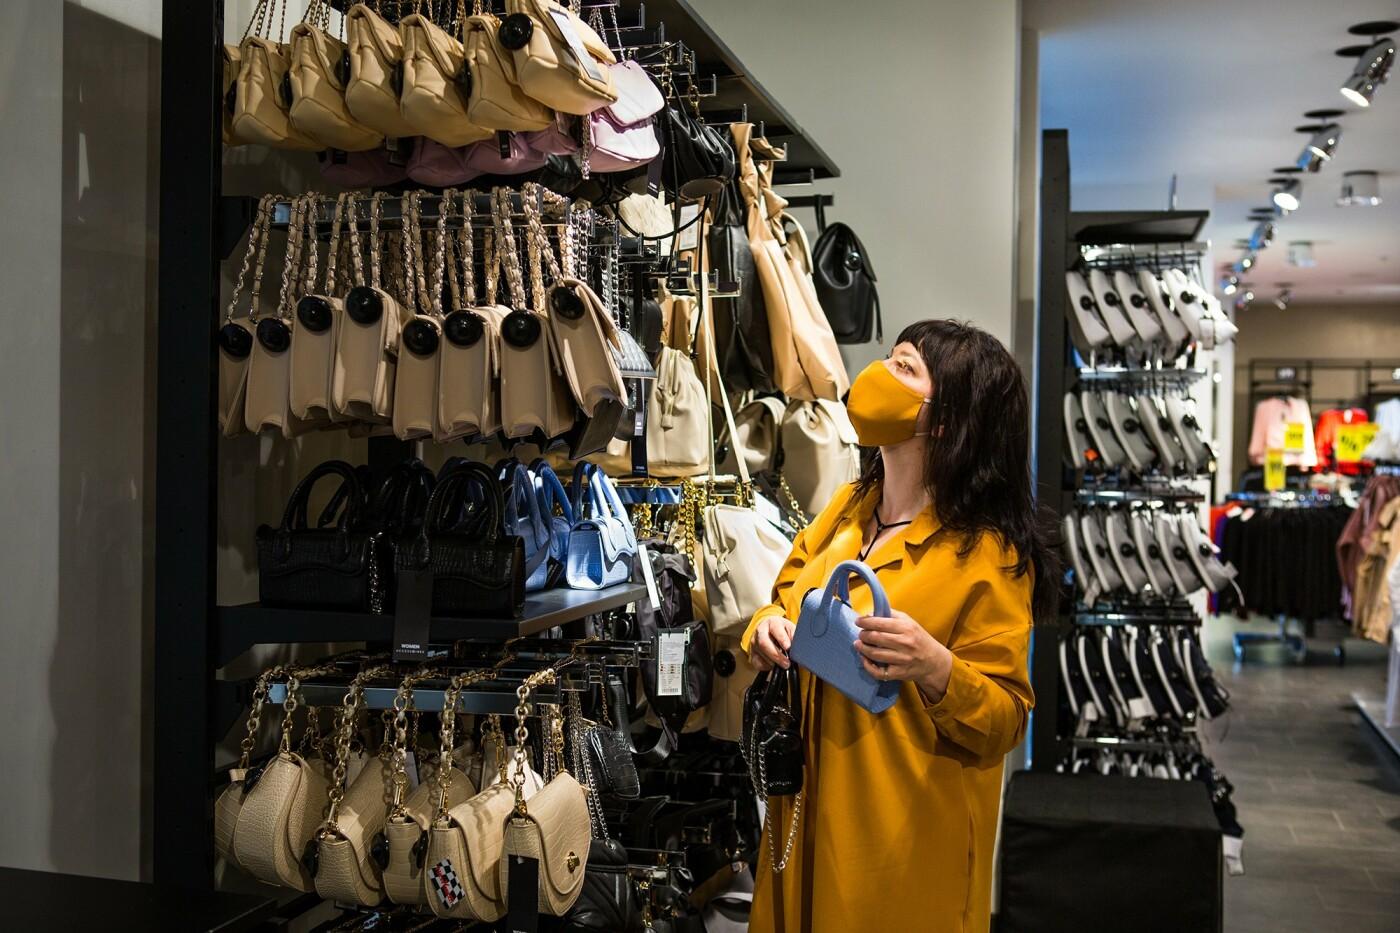 """Fashion&Profession: кто смог найти свой стиль в  ТРК """"Солнечная галерея""""  , фото-60"""